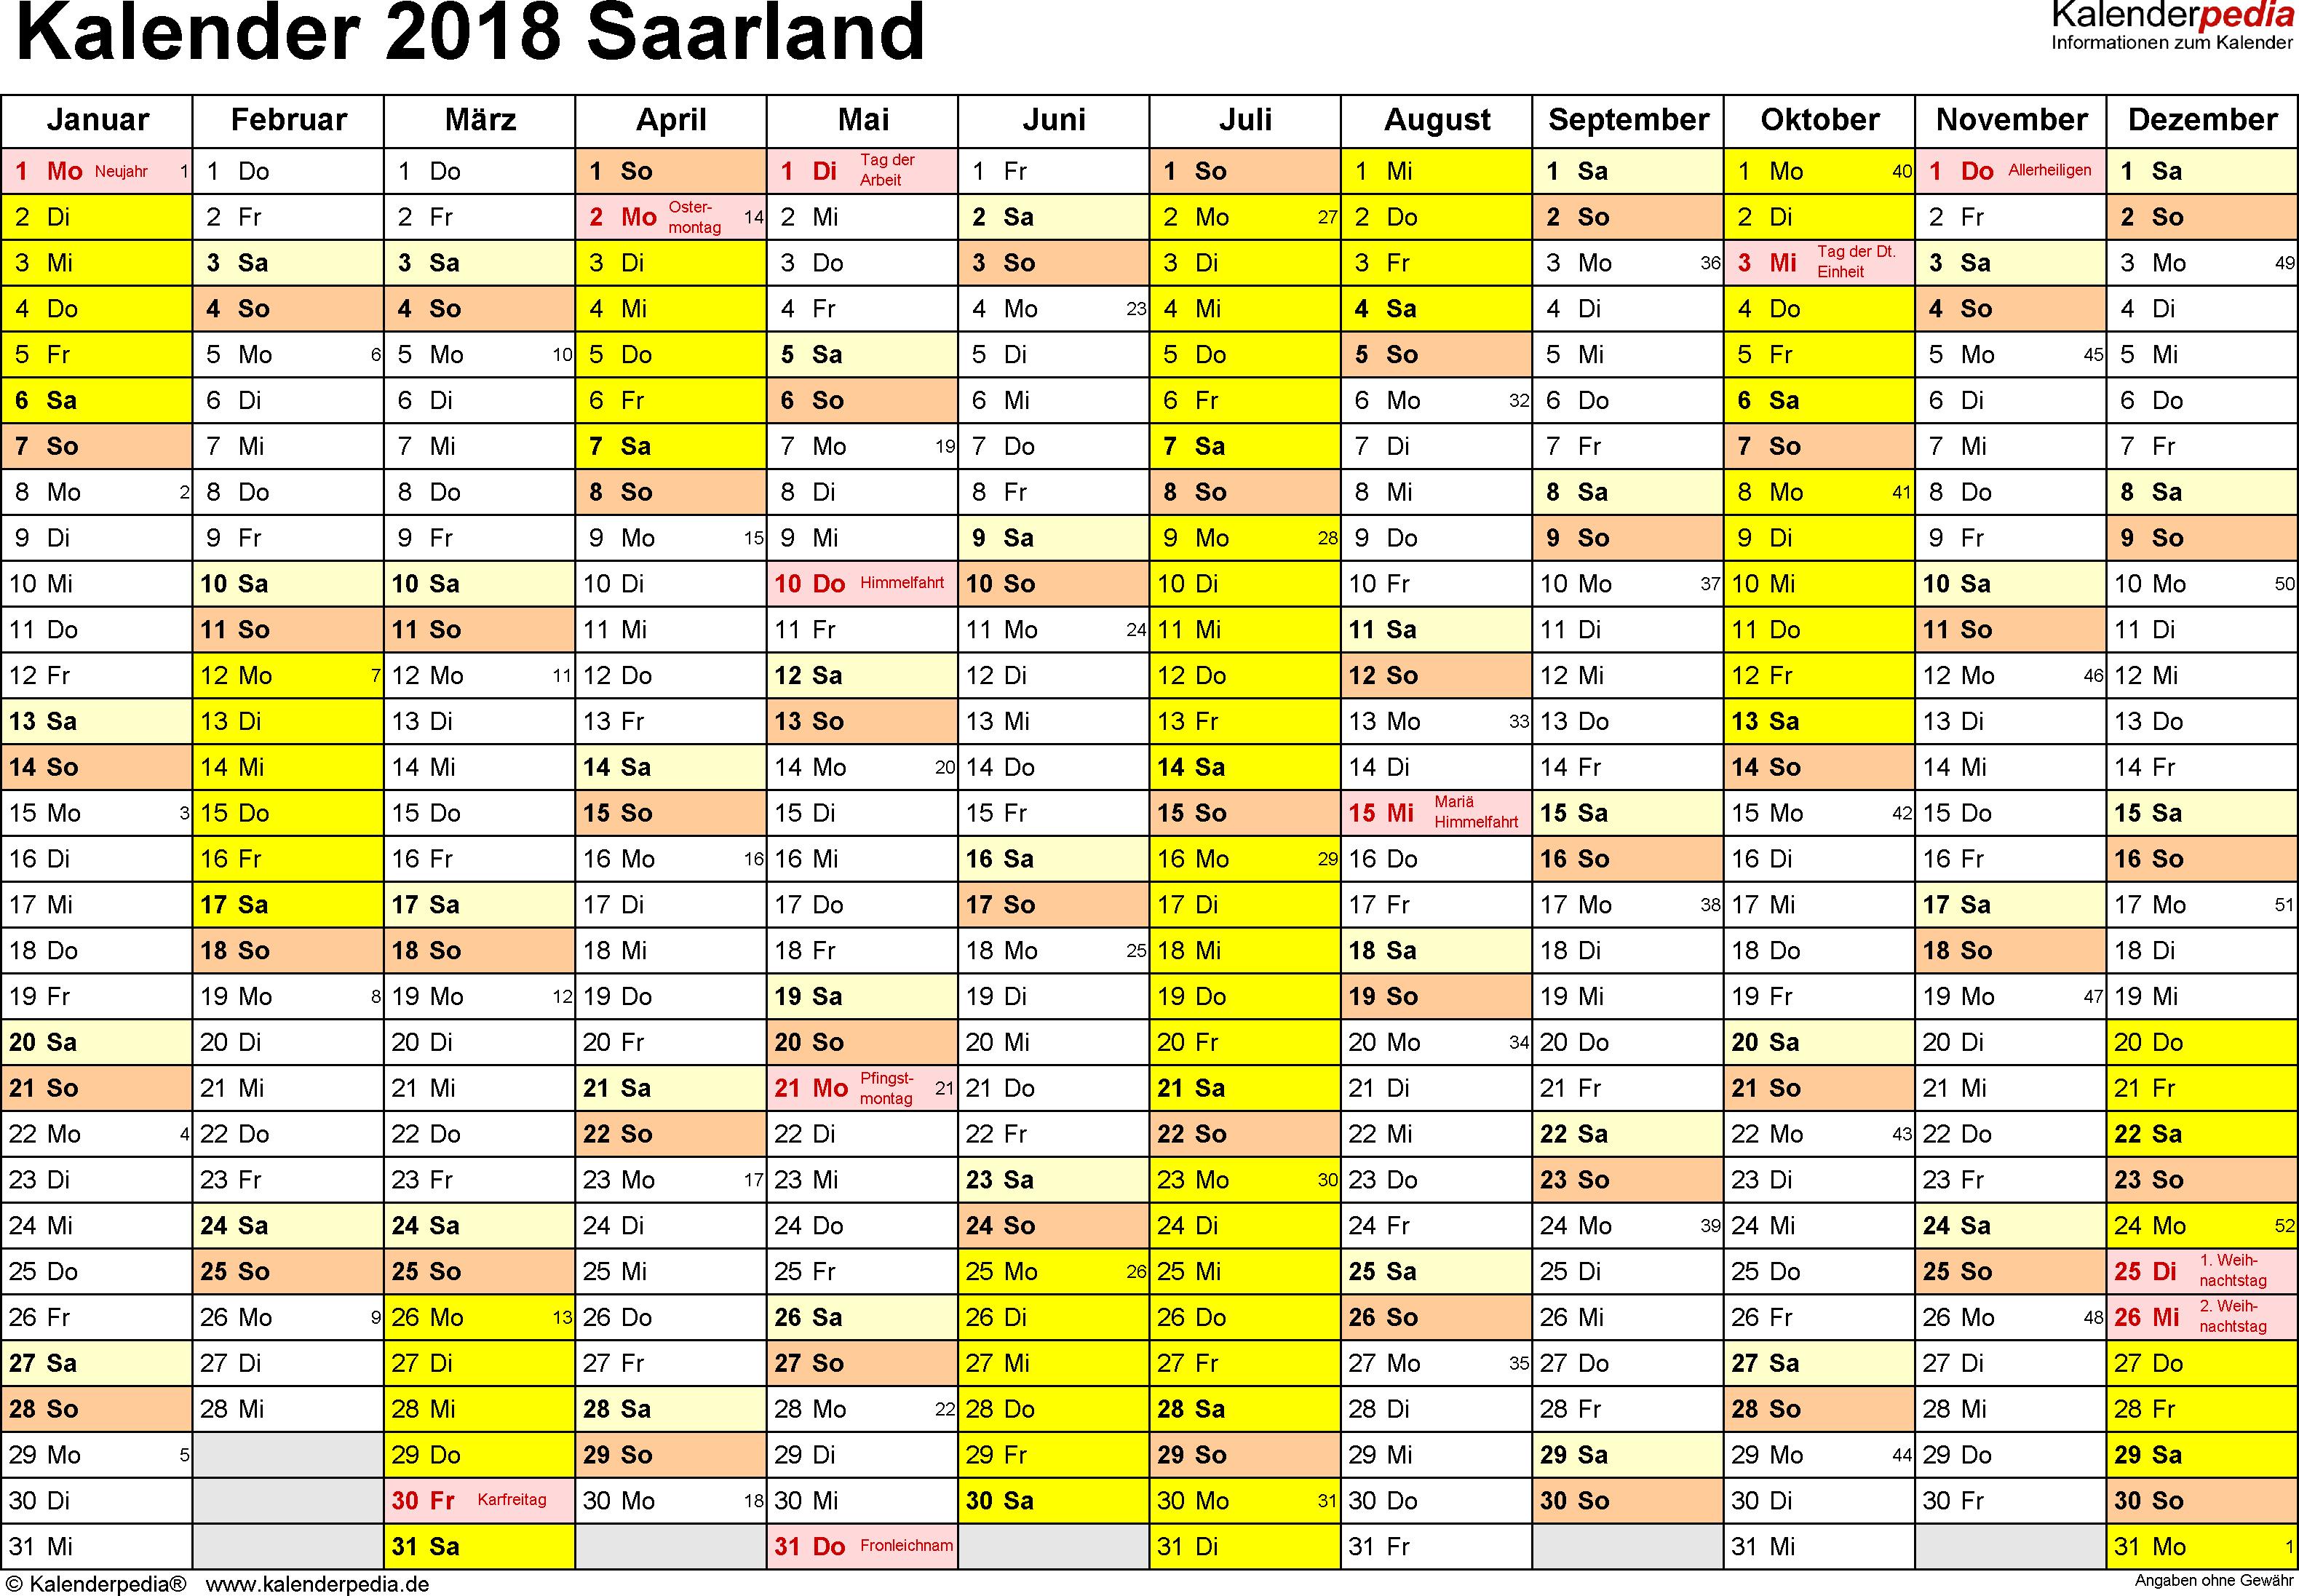 Kalender 2018 Saarland: Ferien, Feiertage, Excel-Vorlagen